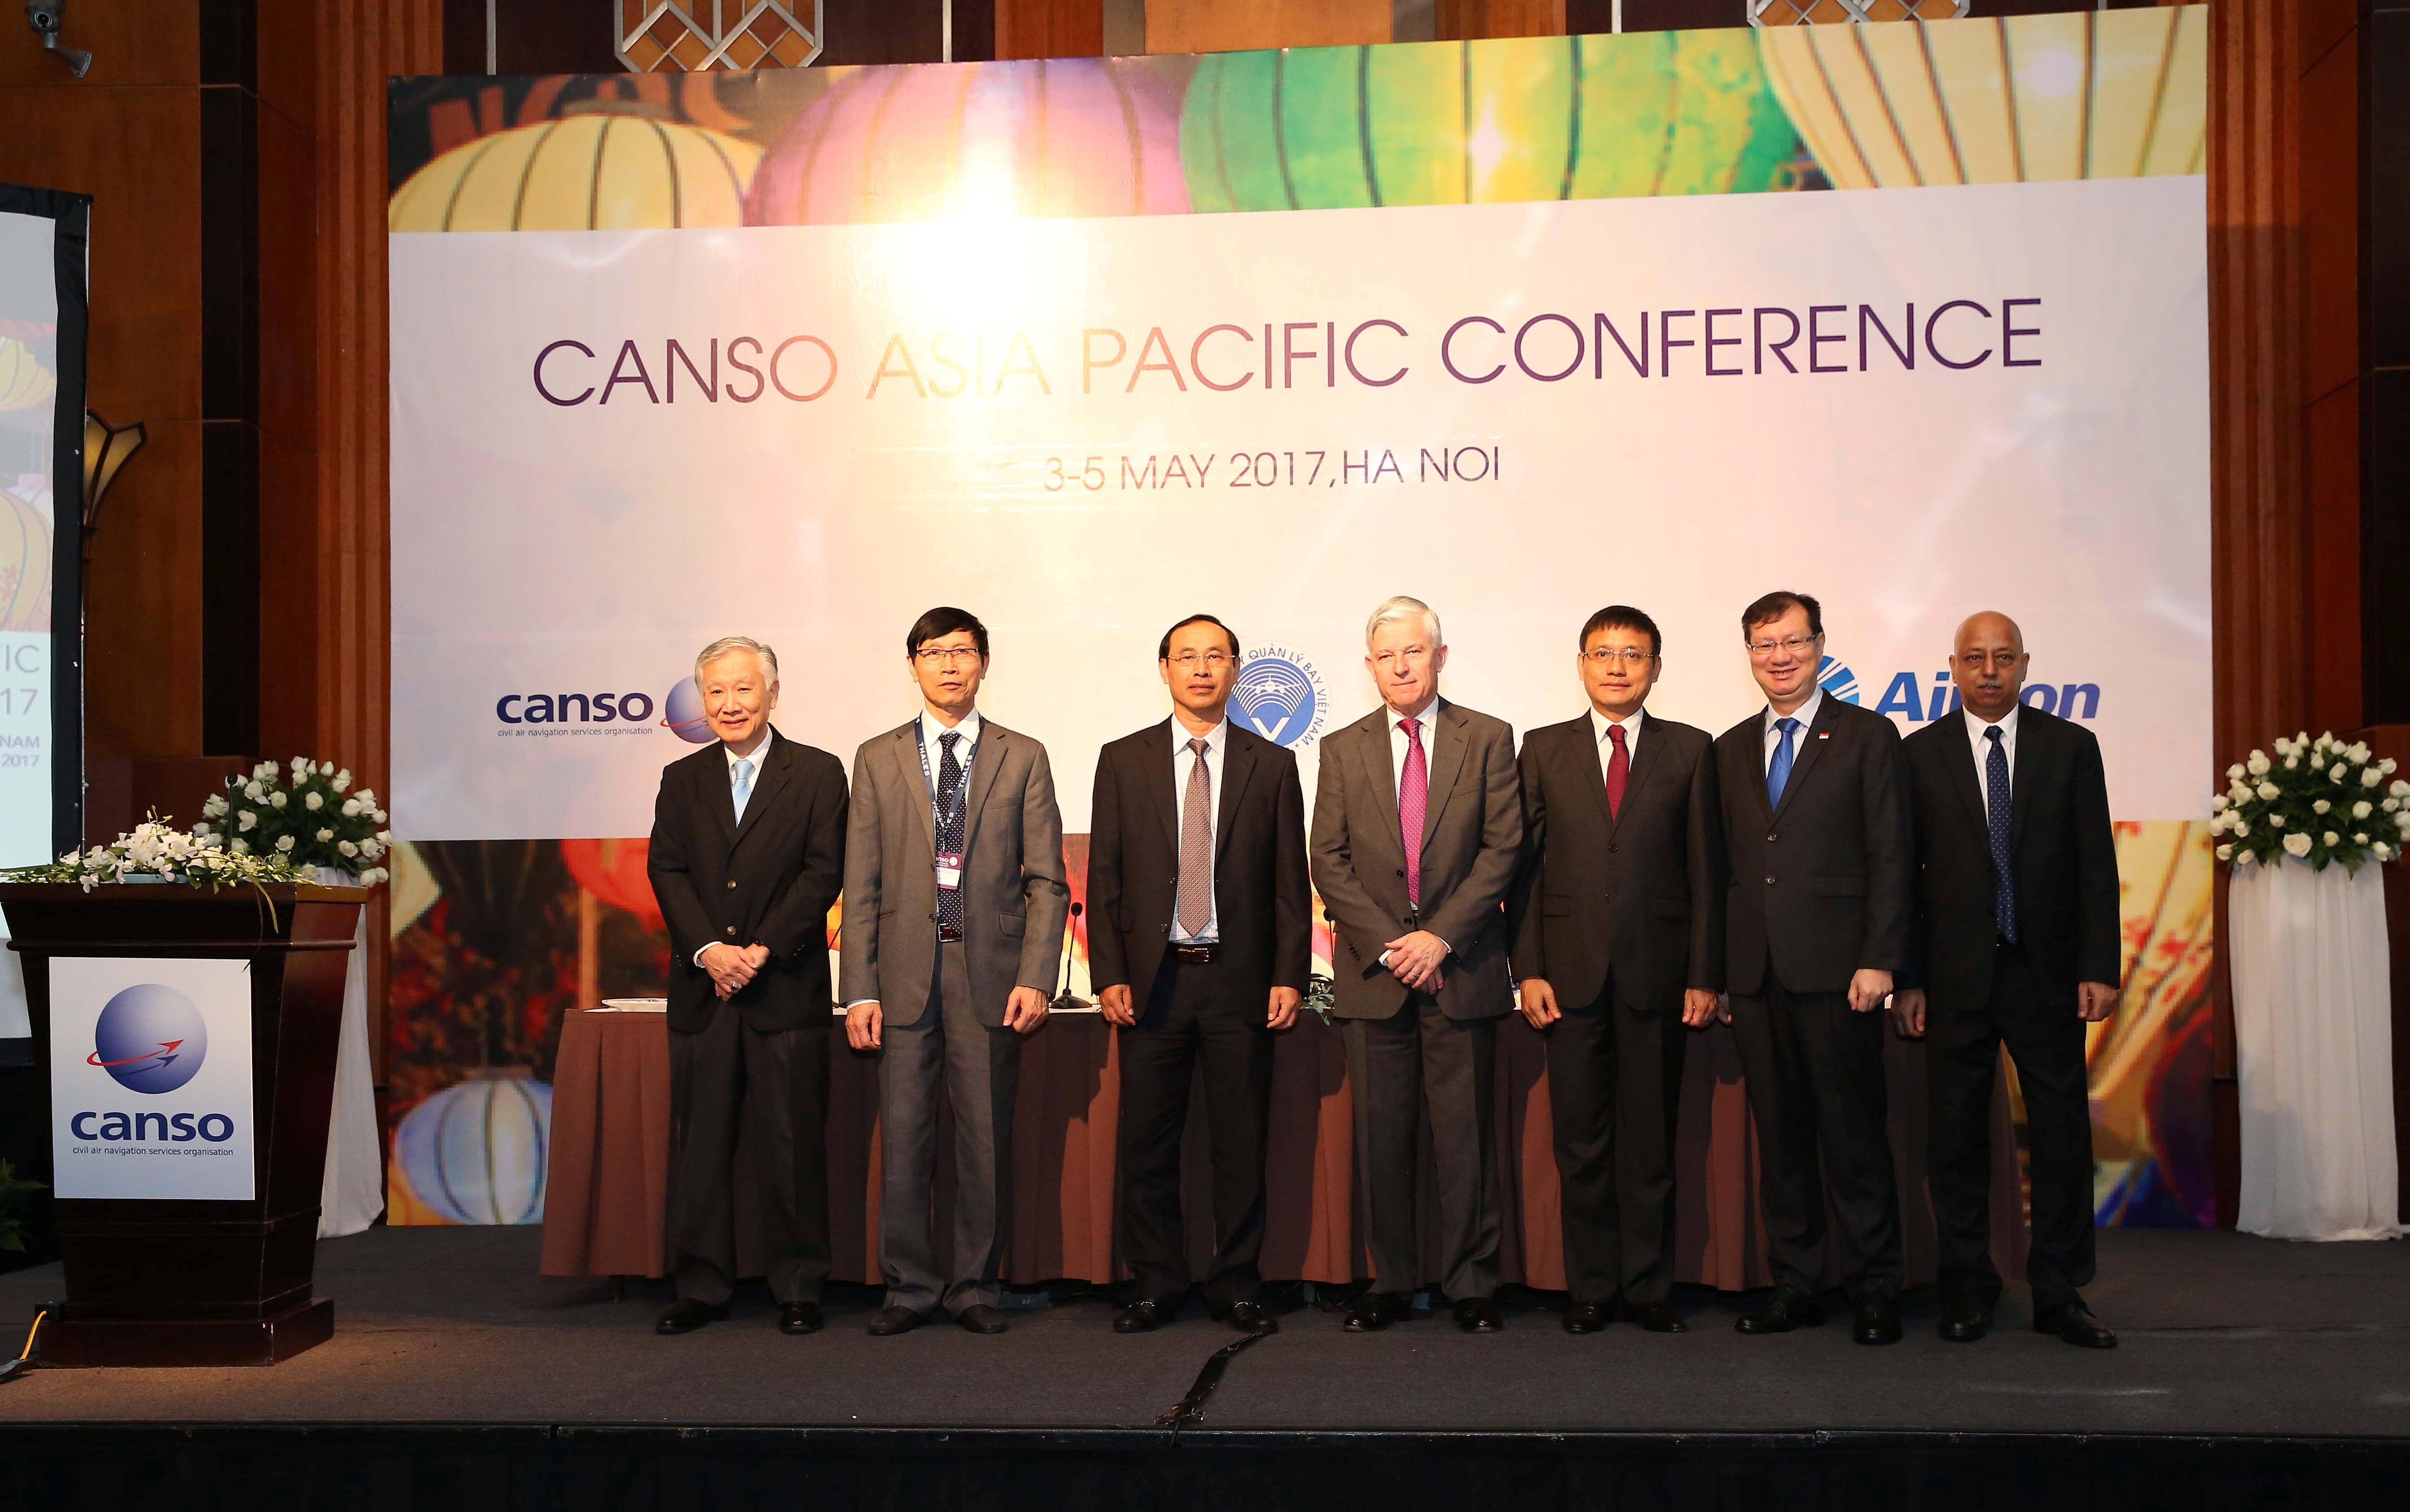 Khai mạc Hội nghị CANSO khu vực châu Á-Thái Bình dương tại Hà Nội